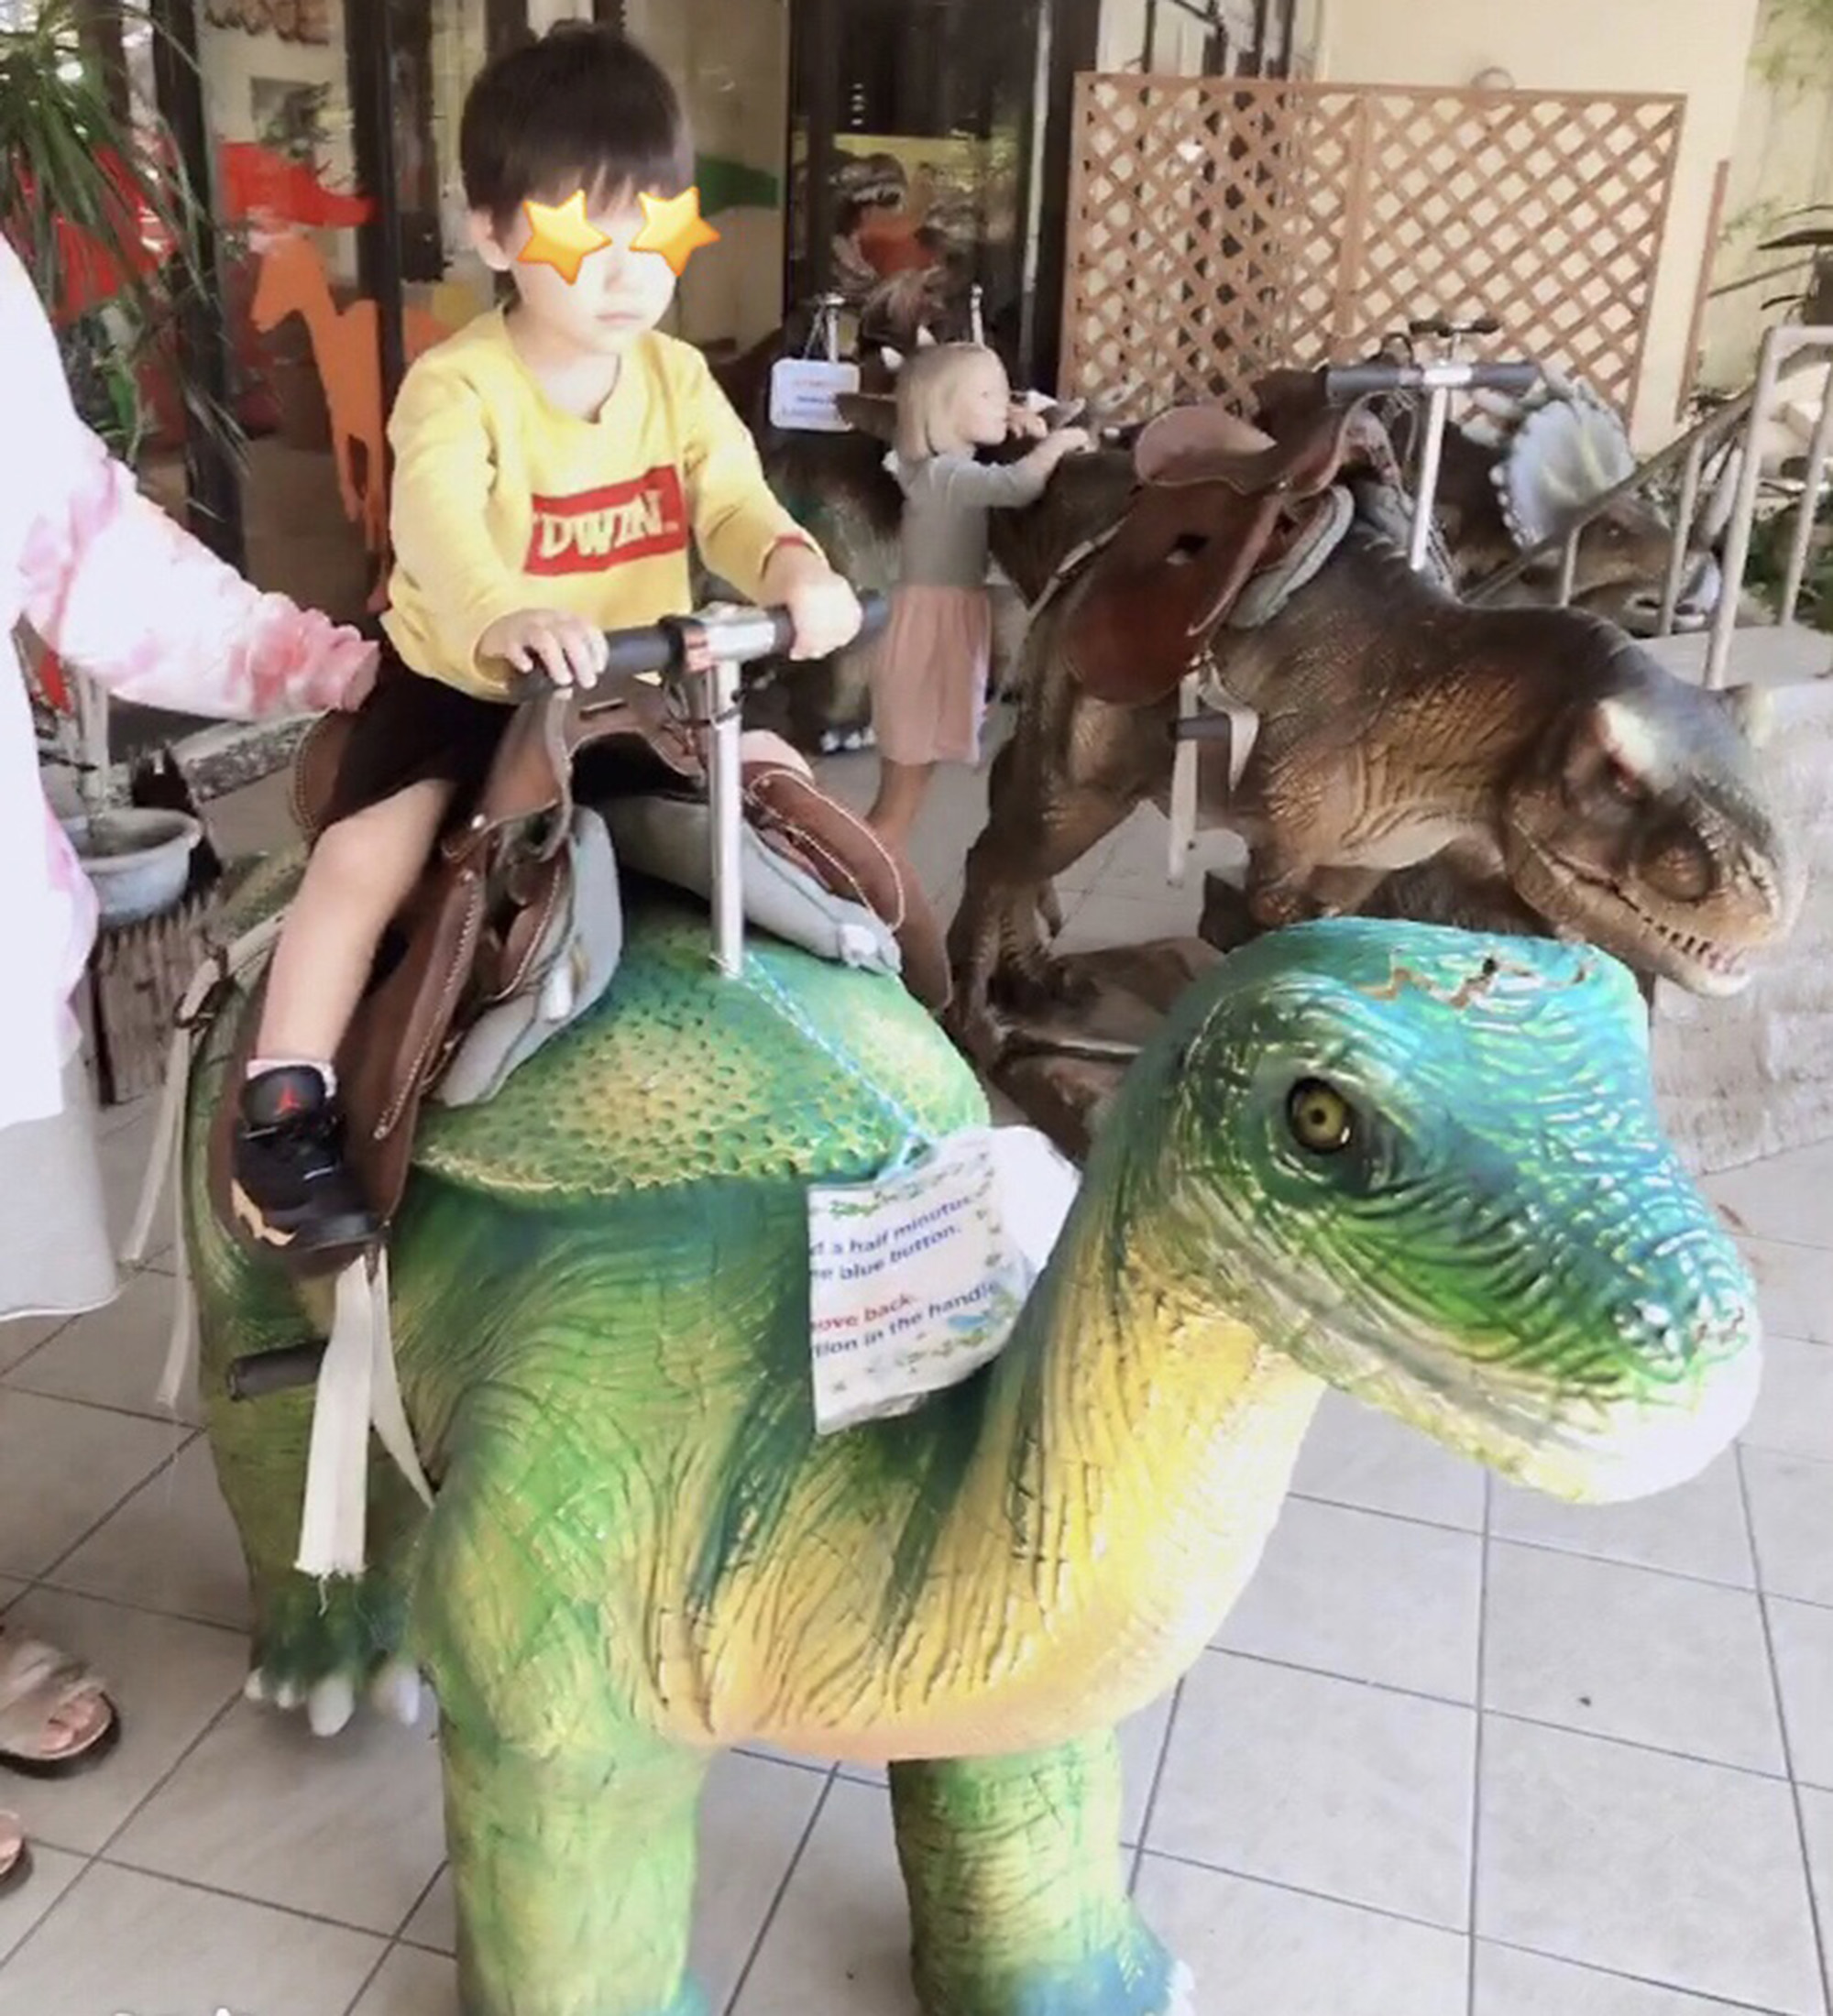 嘉数ゆりオススメ!やんばるに恐竜が!家族で楽しめる「DINO恐竜PARK やんばる亜熱帯の森」|名護市中山|嘉数ゆり Yuri's life